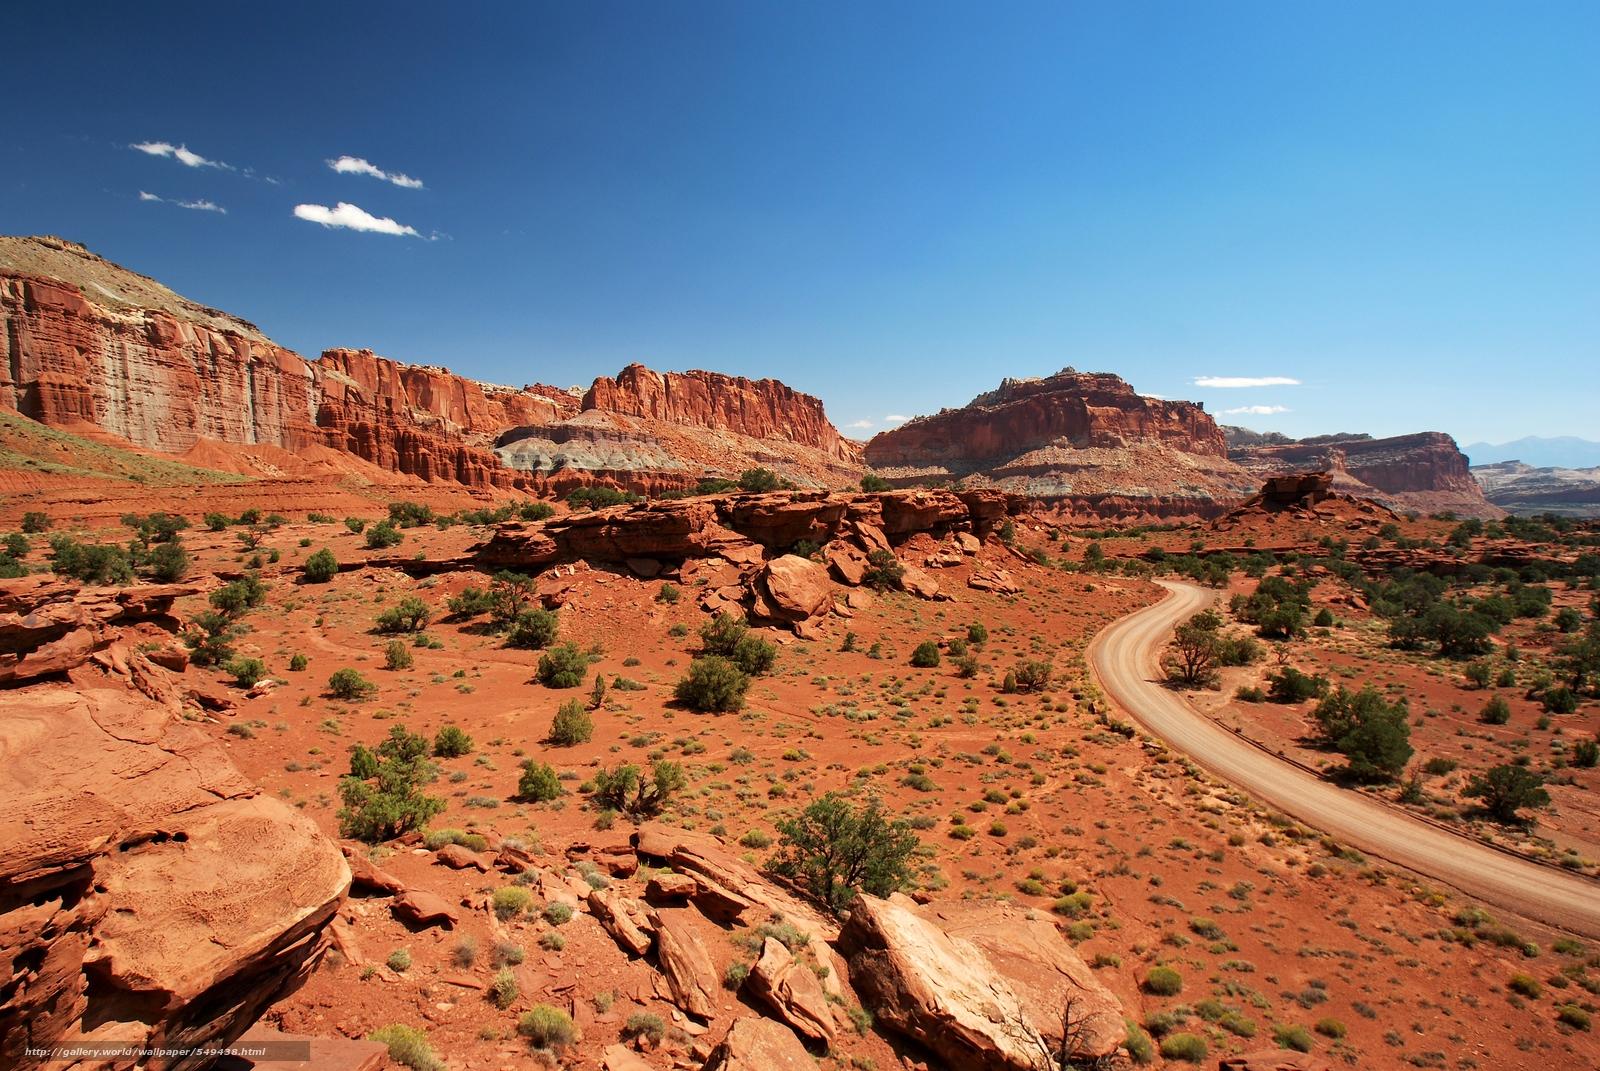 Download wallpaper Capitol Reef National Park Utah USA Rocks 1600x1071